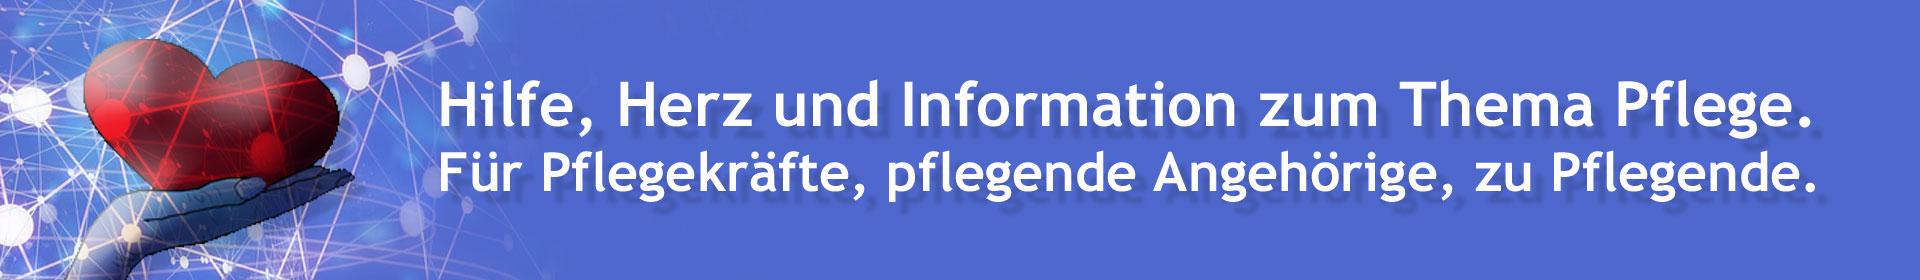 Hilfe, Herz und Information